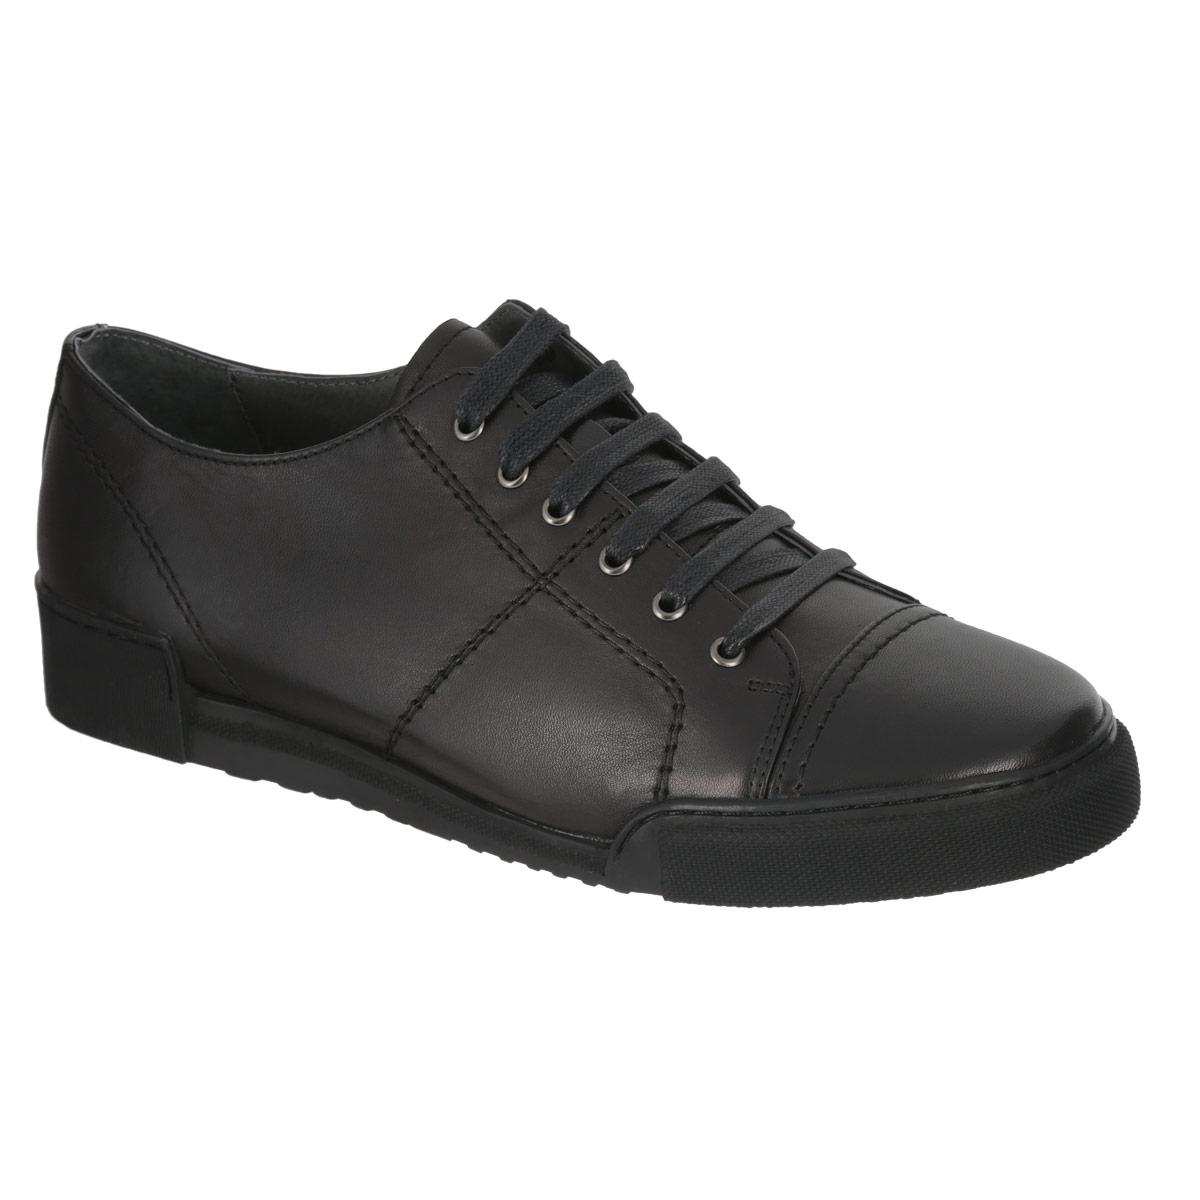 M23125Модные мужские полуботинки Vitacci покорят вас своим удобством. Модель изготовлена из натуральной высококачественной кожи и оформлена декоративной прострочкой, задним наружным ремнем. Подошва сзади дополнена прорезиненной накладкой с тиснением в виде названия бренда. Шнуровка прочно фиксирует обувь на ноге. Съемная стелька EVA с поверхностью из натуральной кожи обеспечивает превосходную амортизацию и комфорт. Подошва оснащена противоскользящим рифлением. Стильные полуботинки прекрасно впишутся в ваш гардероб.